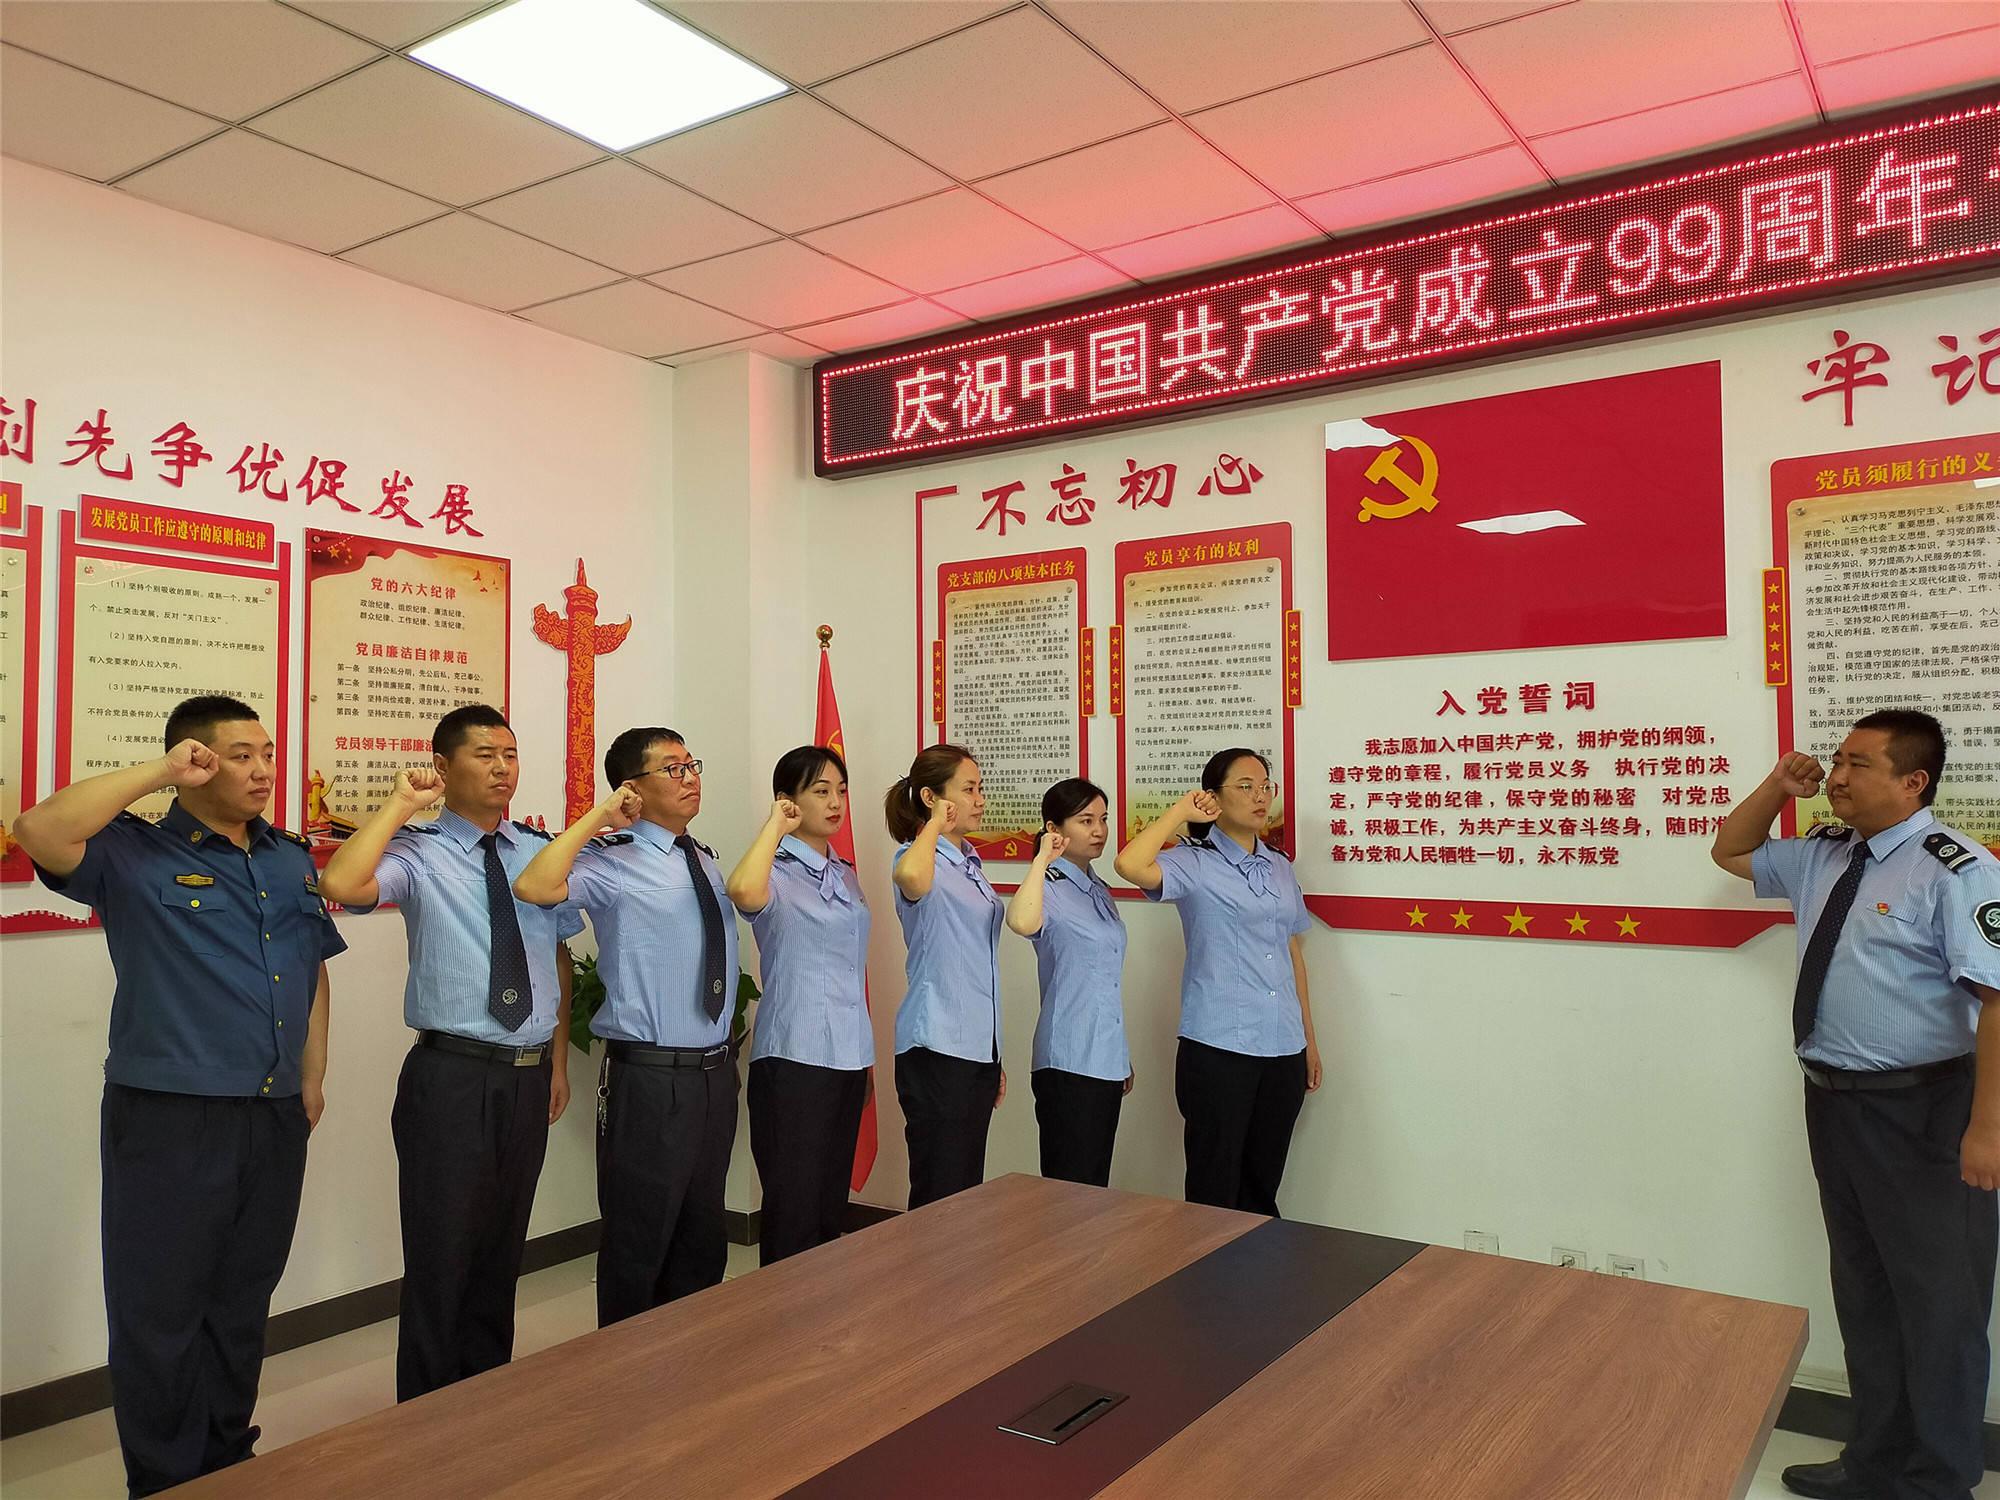 临汾收费站党支部开展庆祝中国共产党成立99周年党日配资网 活动